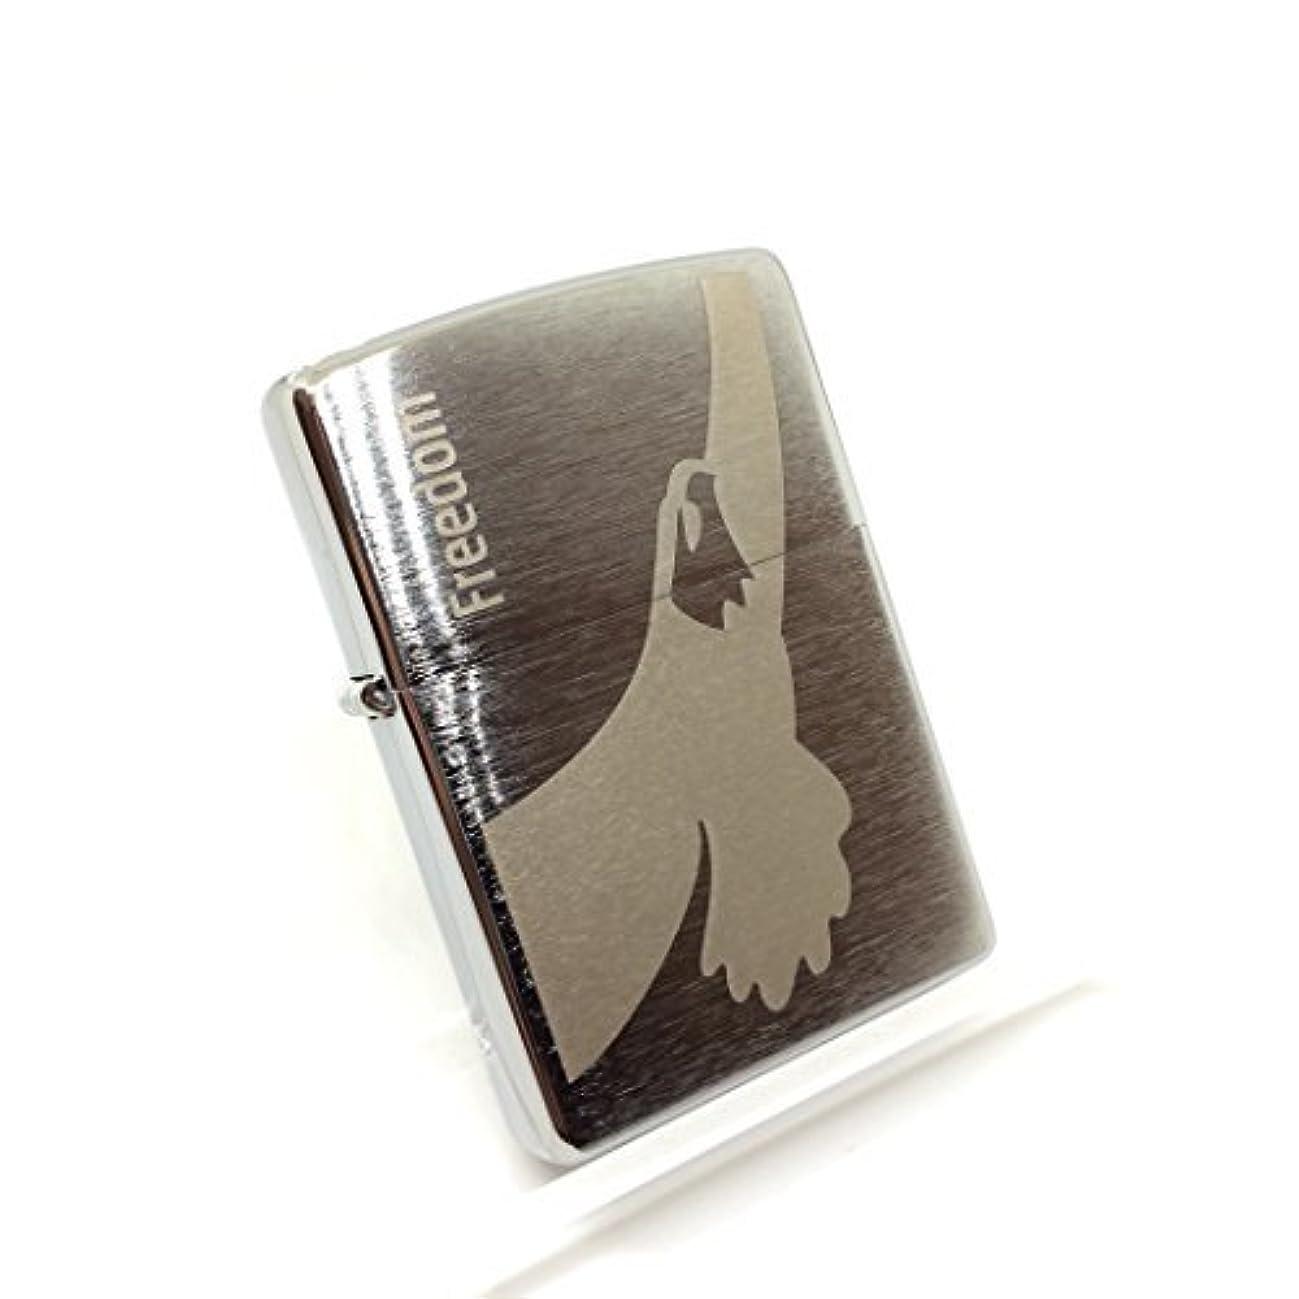 甘いアッティカス気体のZIPPO  ライター ウィンストン Freedom Winston 2016年製 キャンペーン限定品